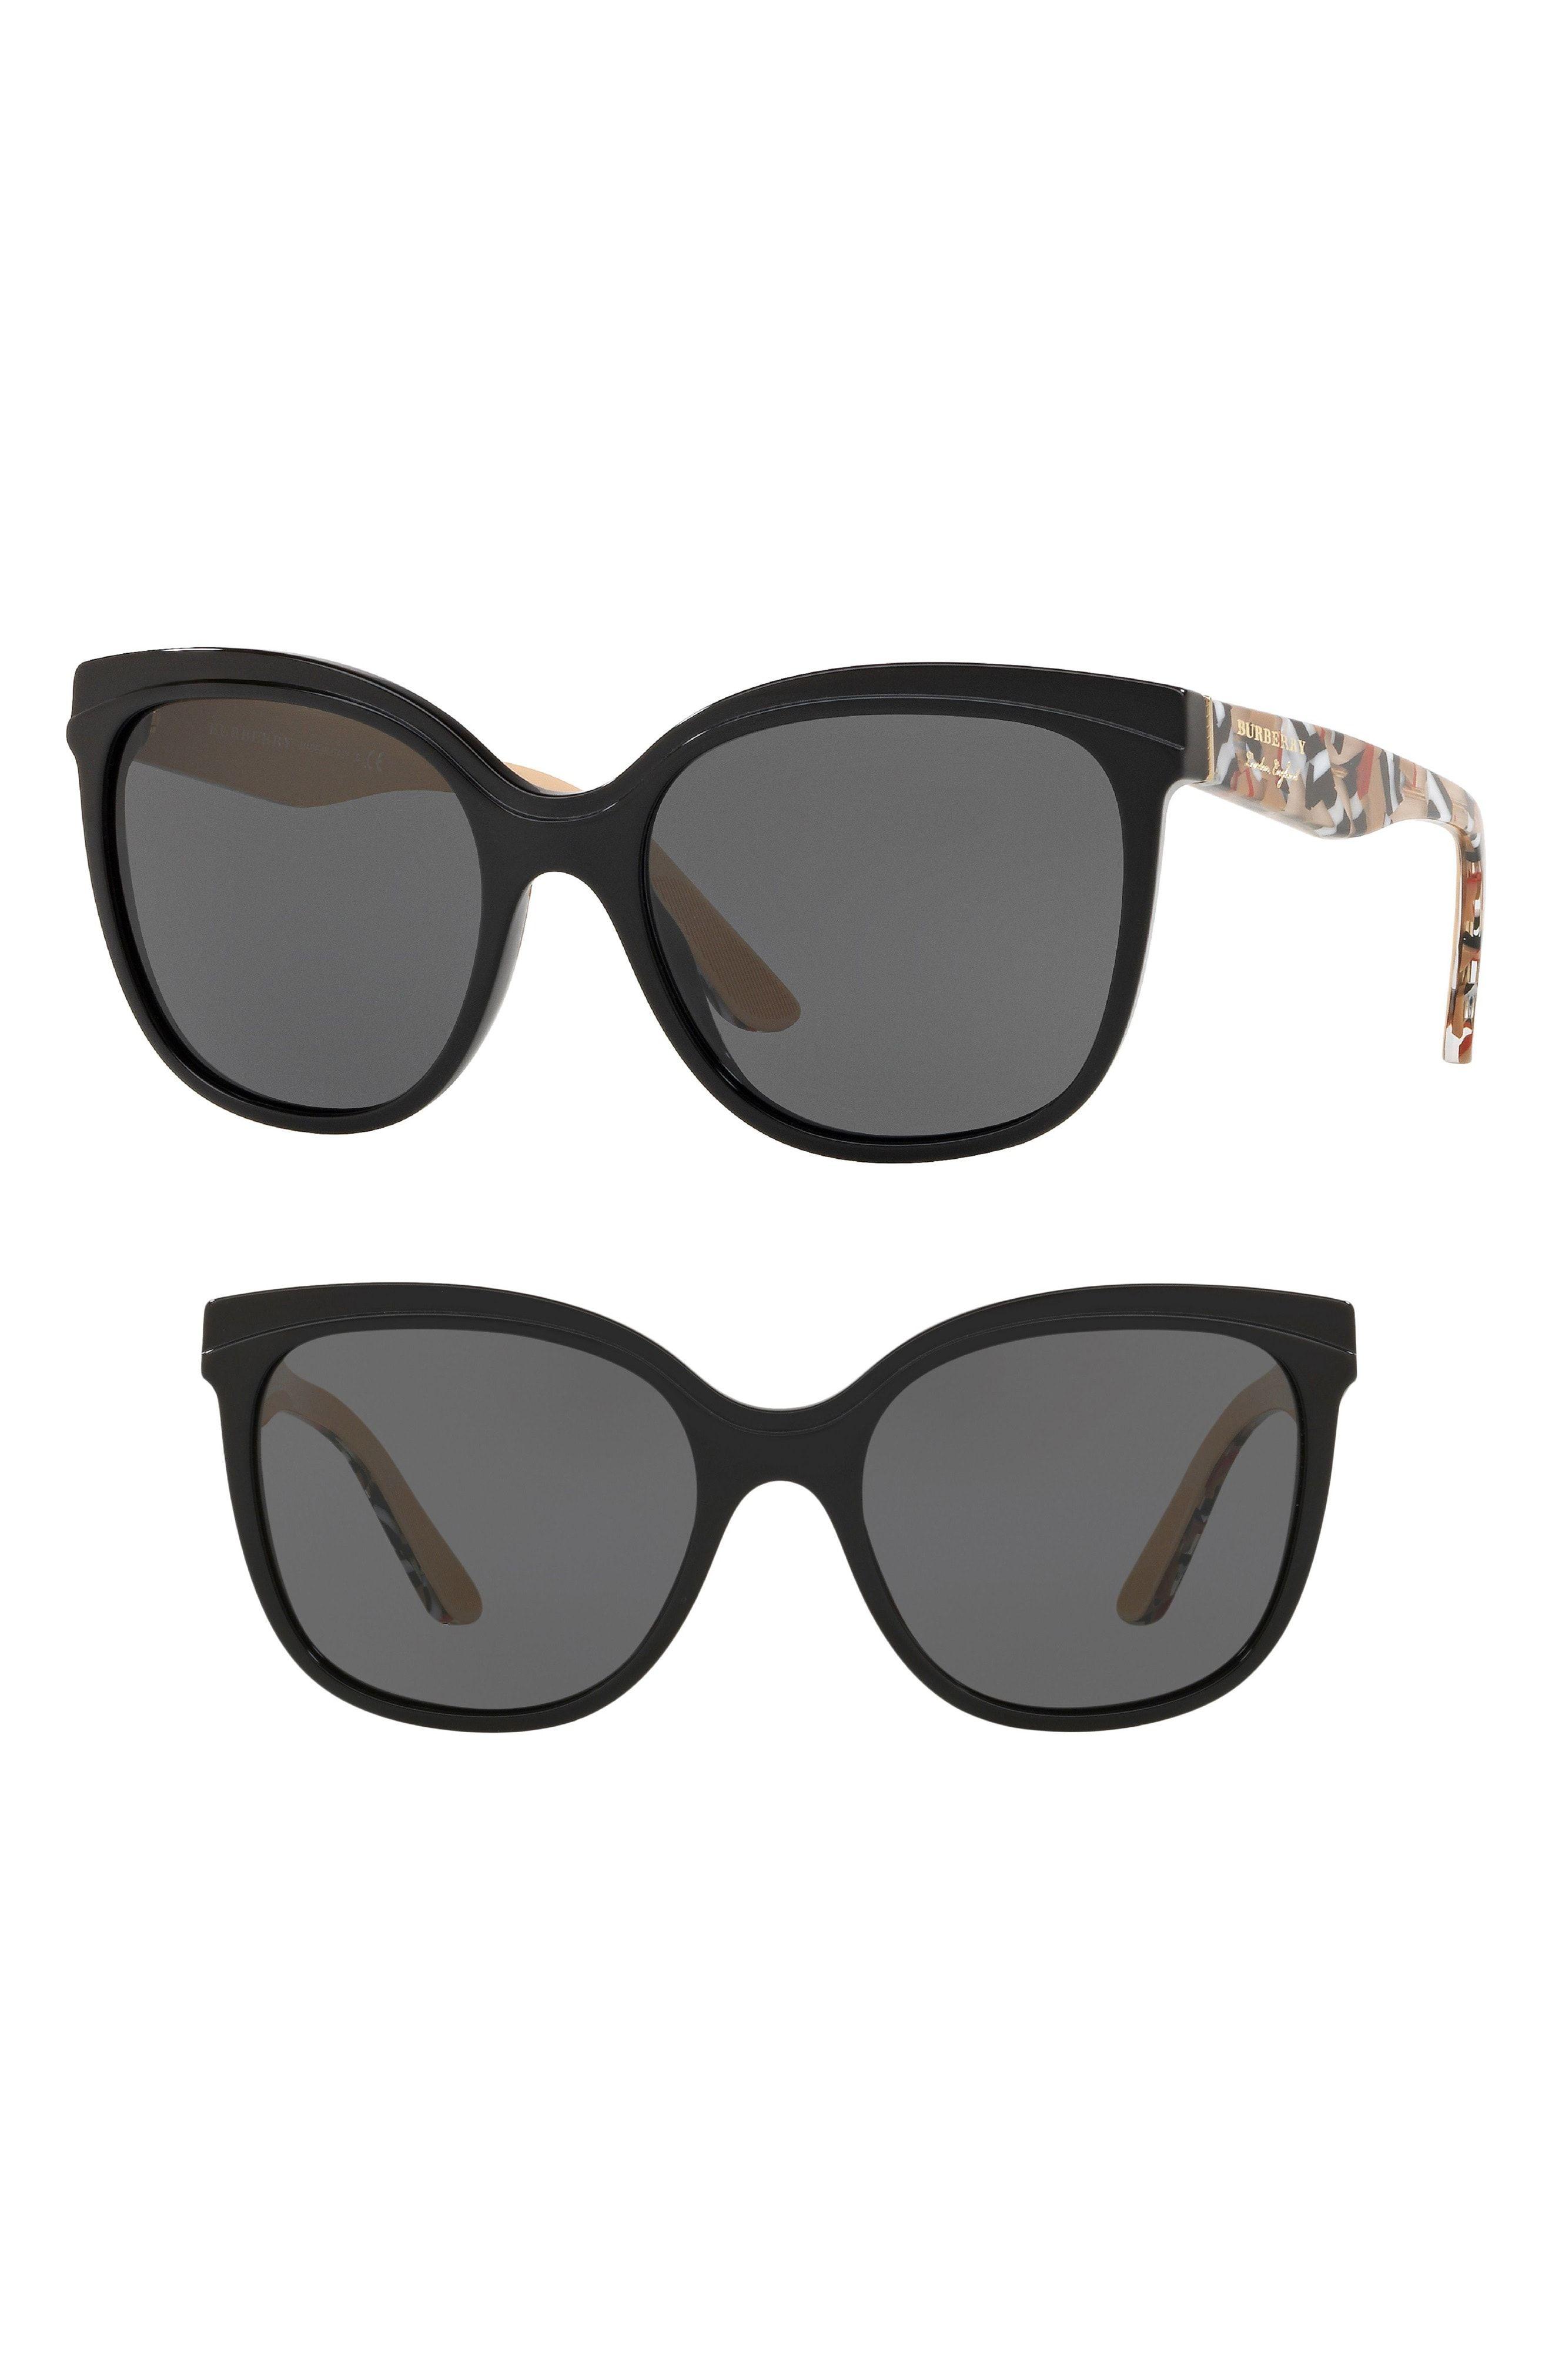 7775ec66c0 10 Best Sunglasses for Women 2018 - Sunglasses for UV Protection